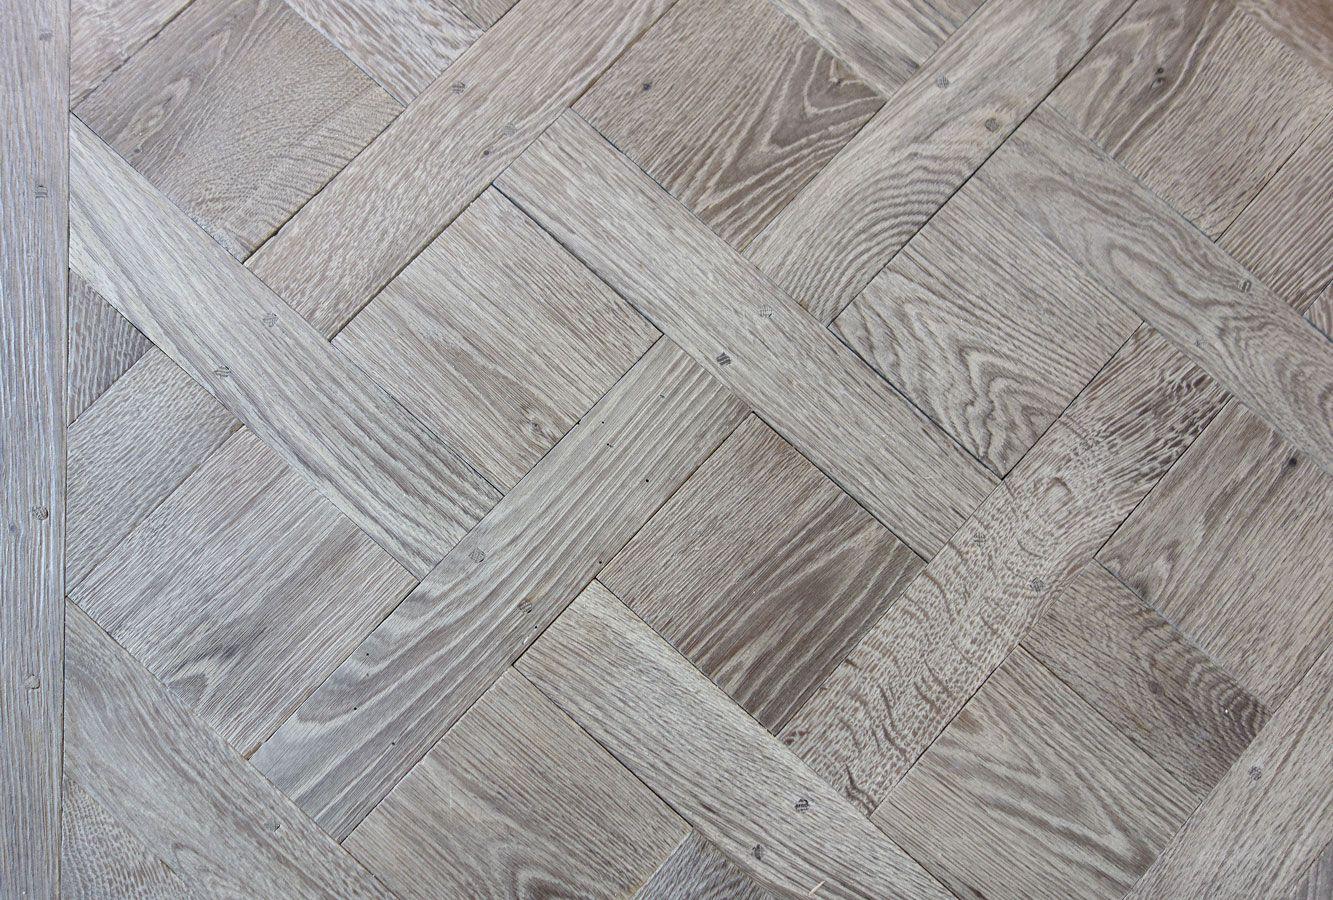 parquet panneaux versailles en ch ne gris lessiv wood flooring pinterest versailles. Black Bedroom Furniture Sets. Home Design Ideas